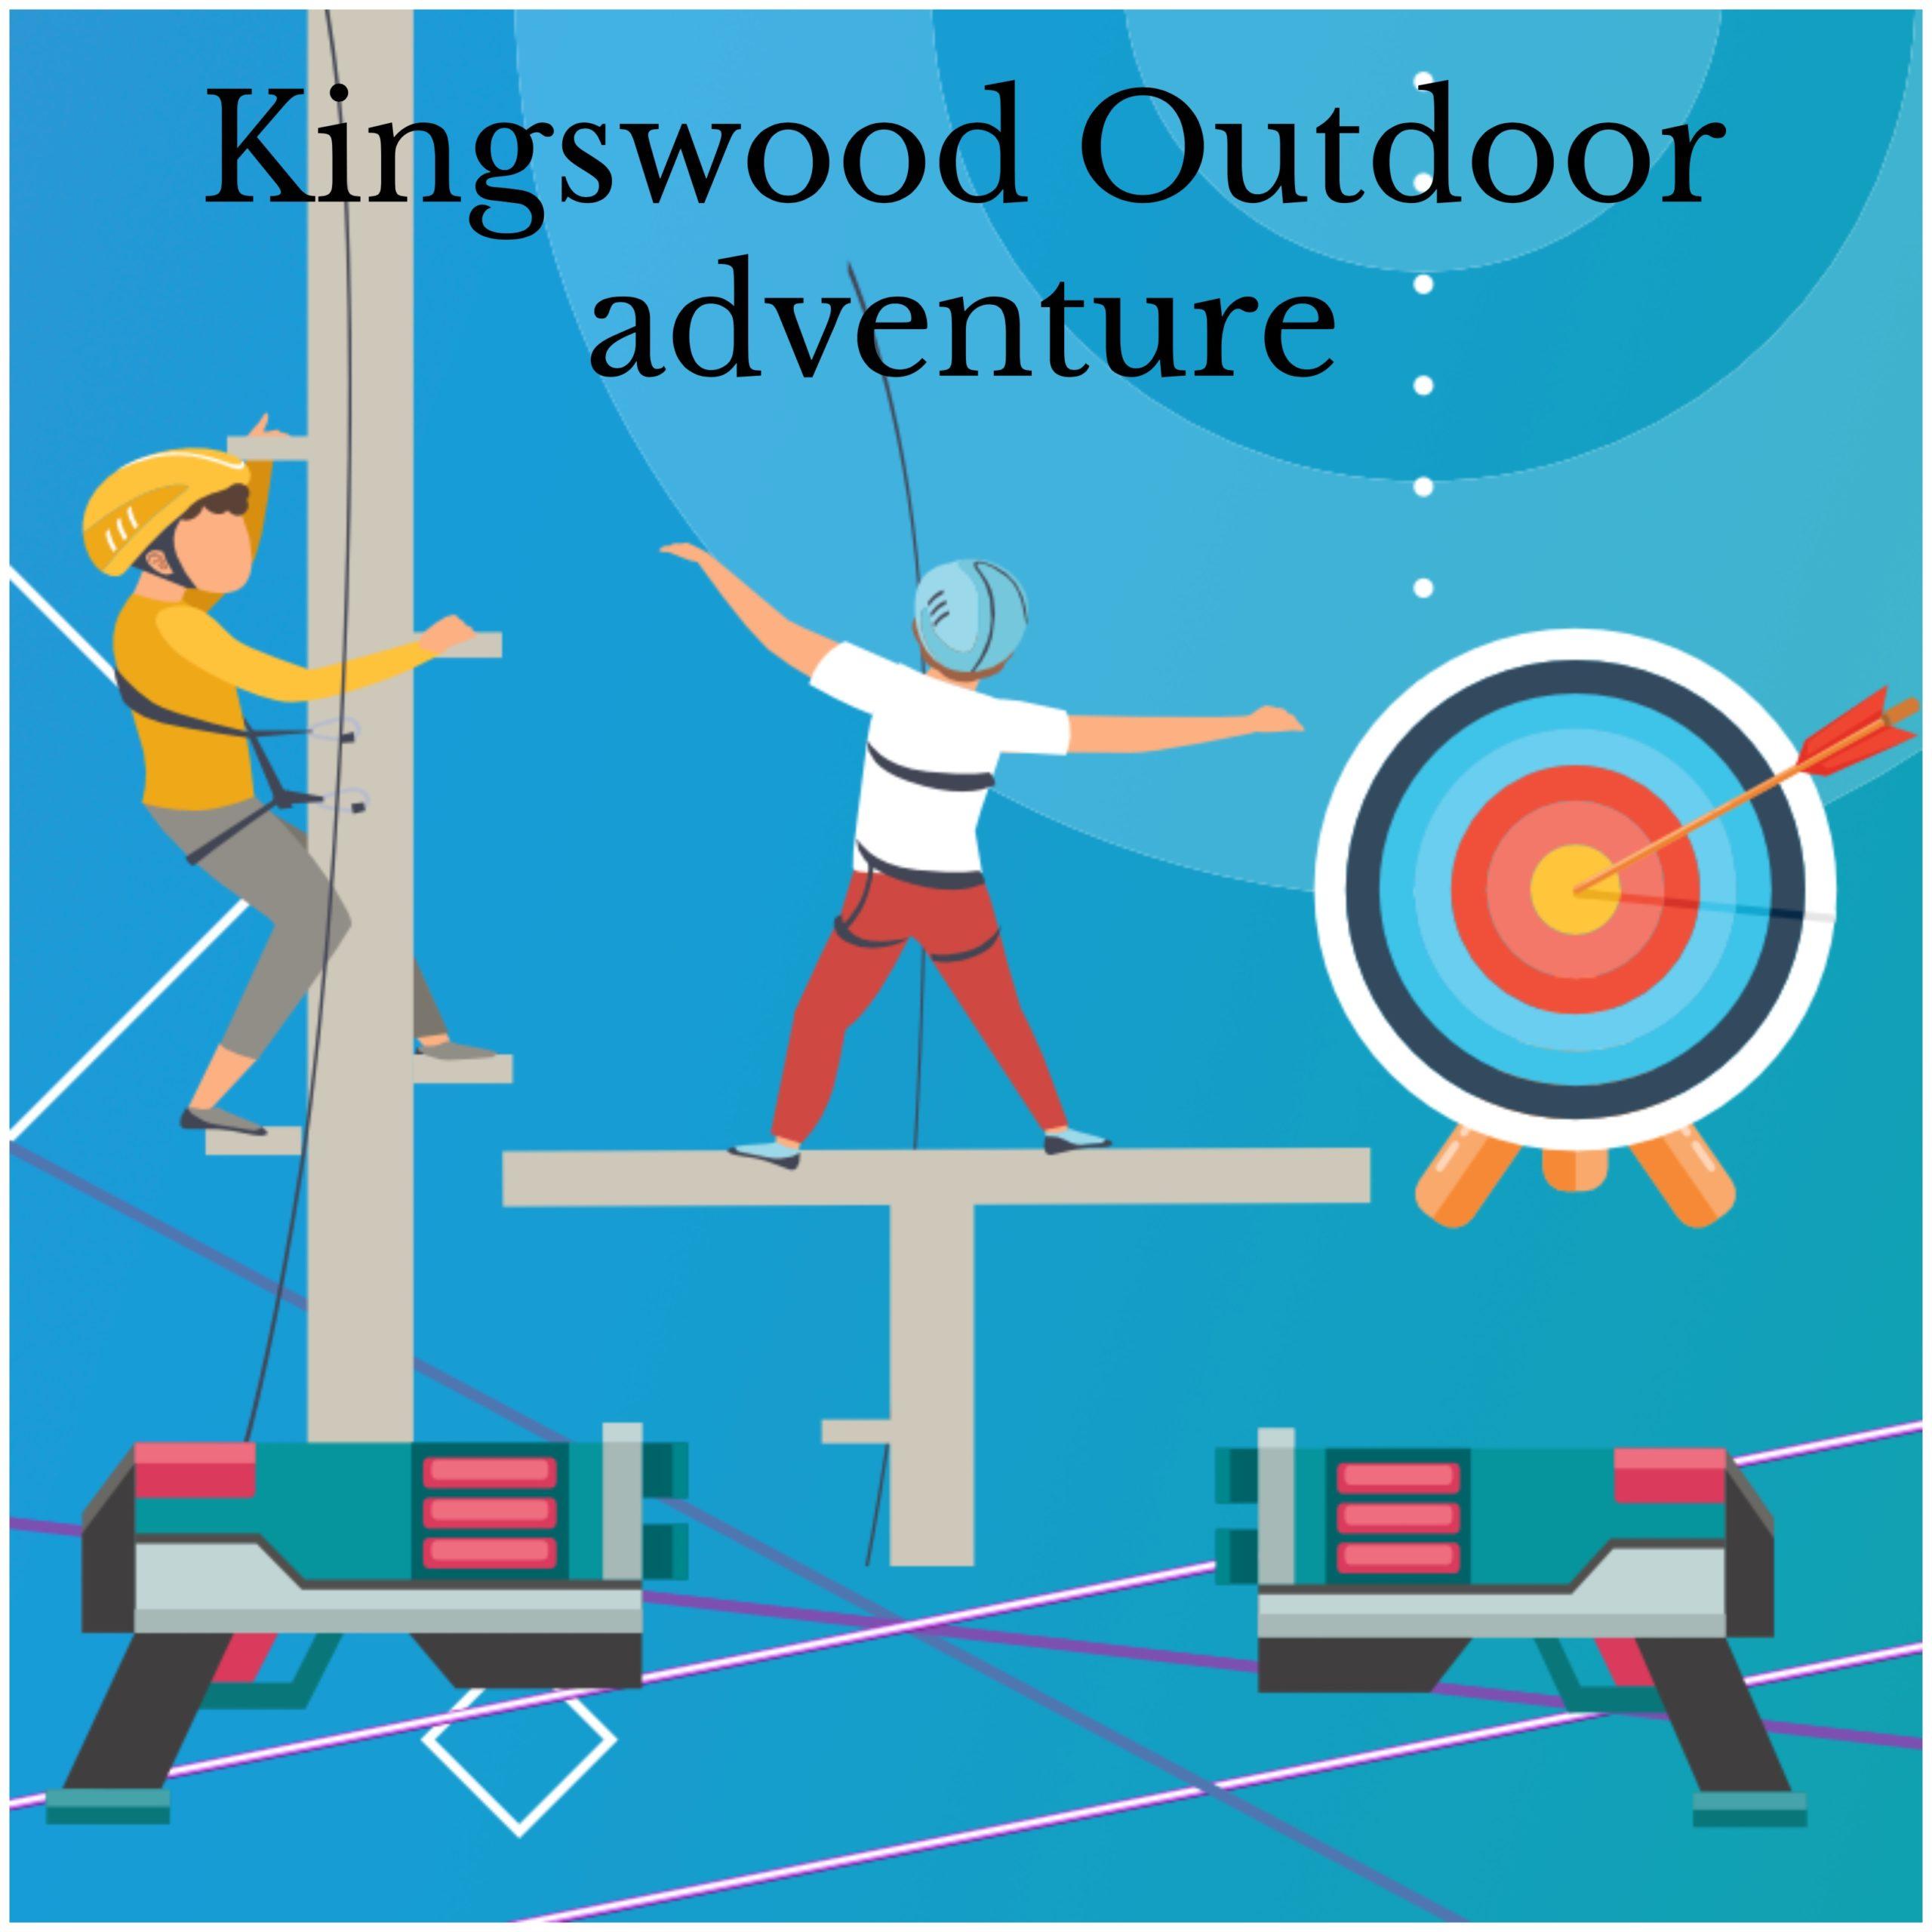 Kingswood outdoor adventure